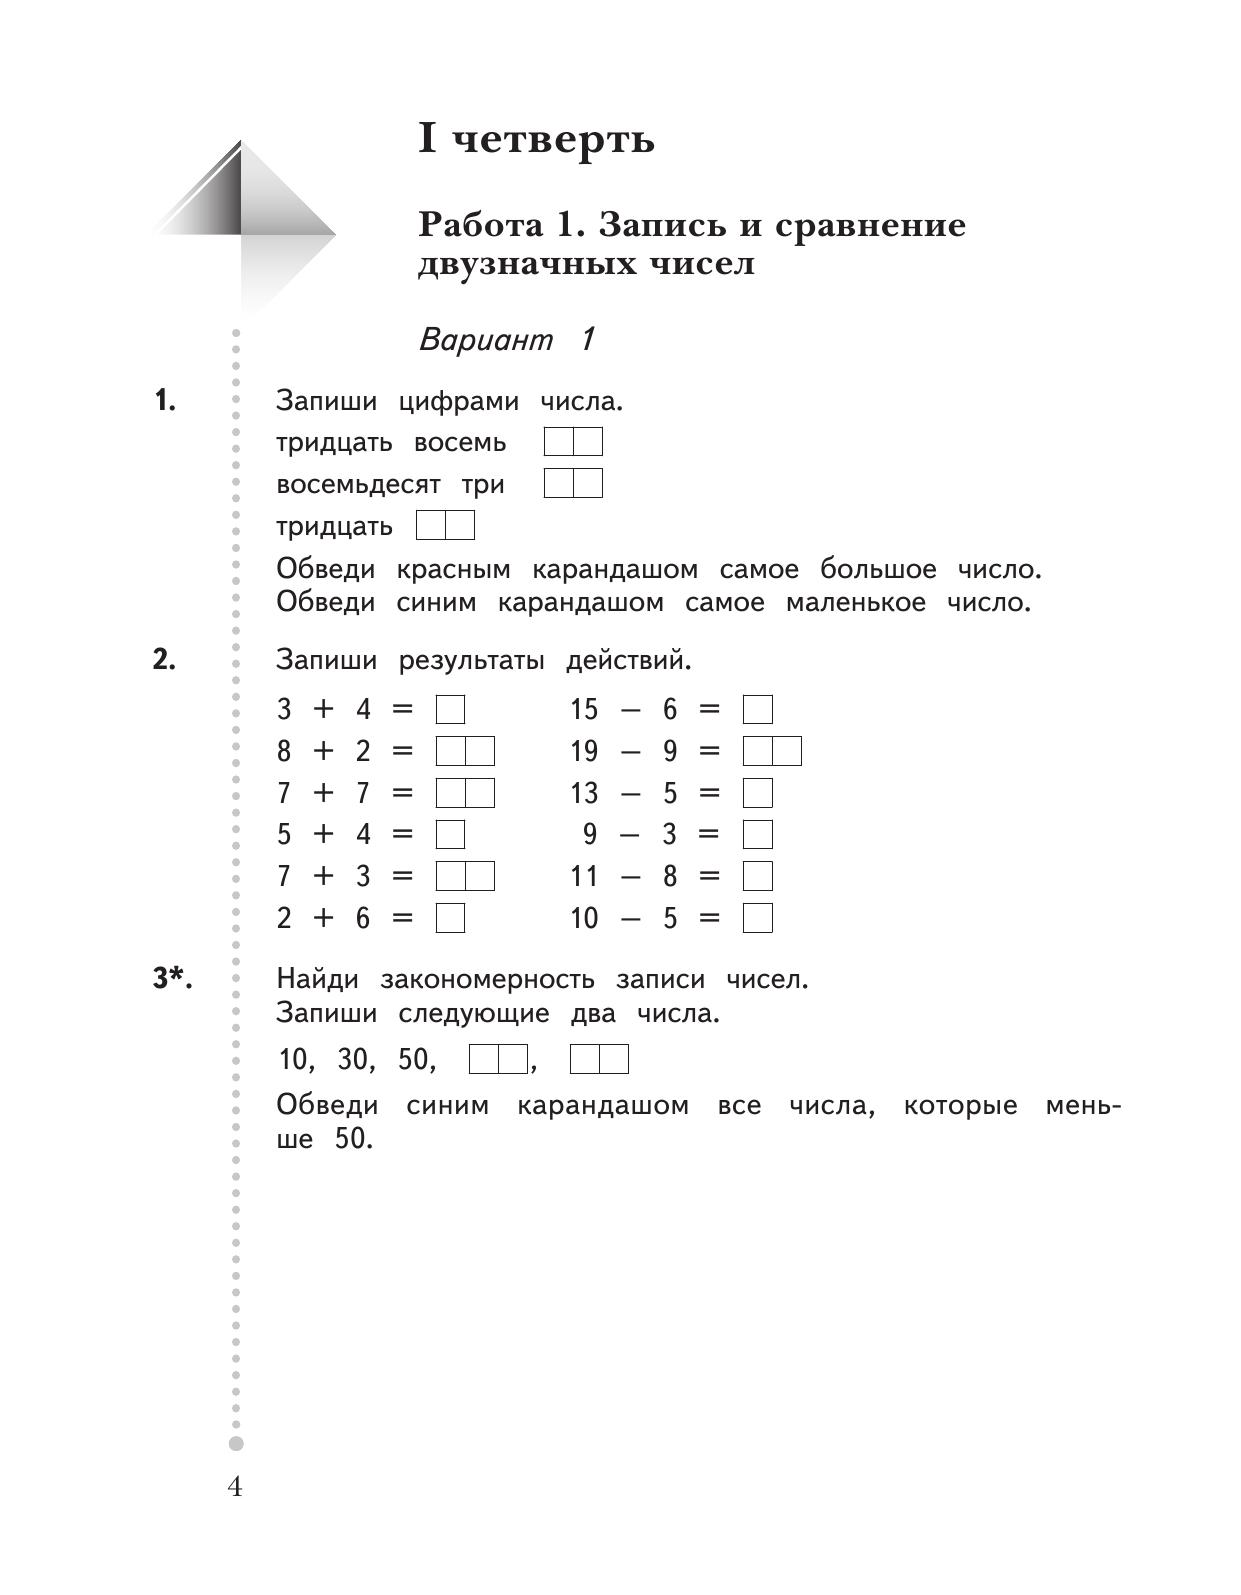 Контрольные работы онлайн по математике 2 класс все для форекса лучшее из лучшего